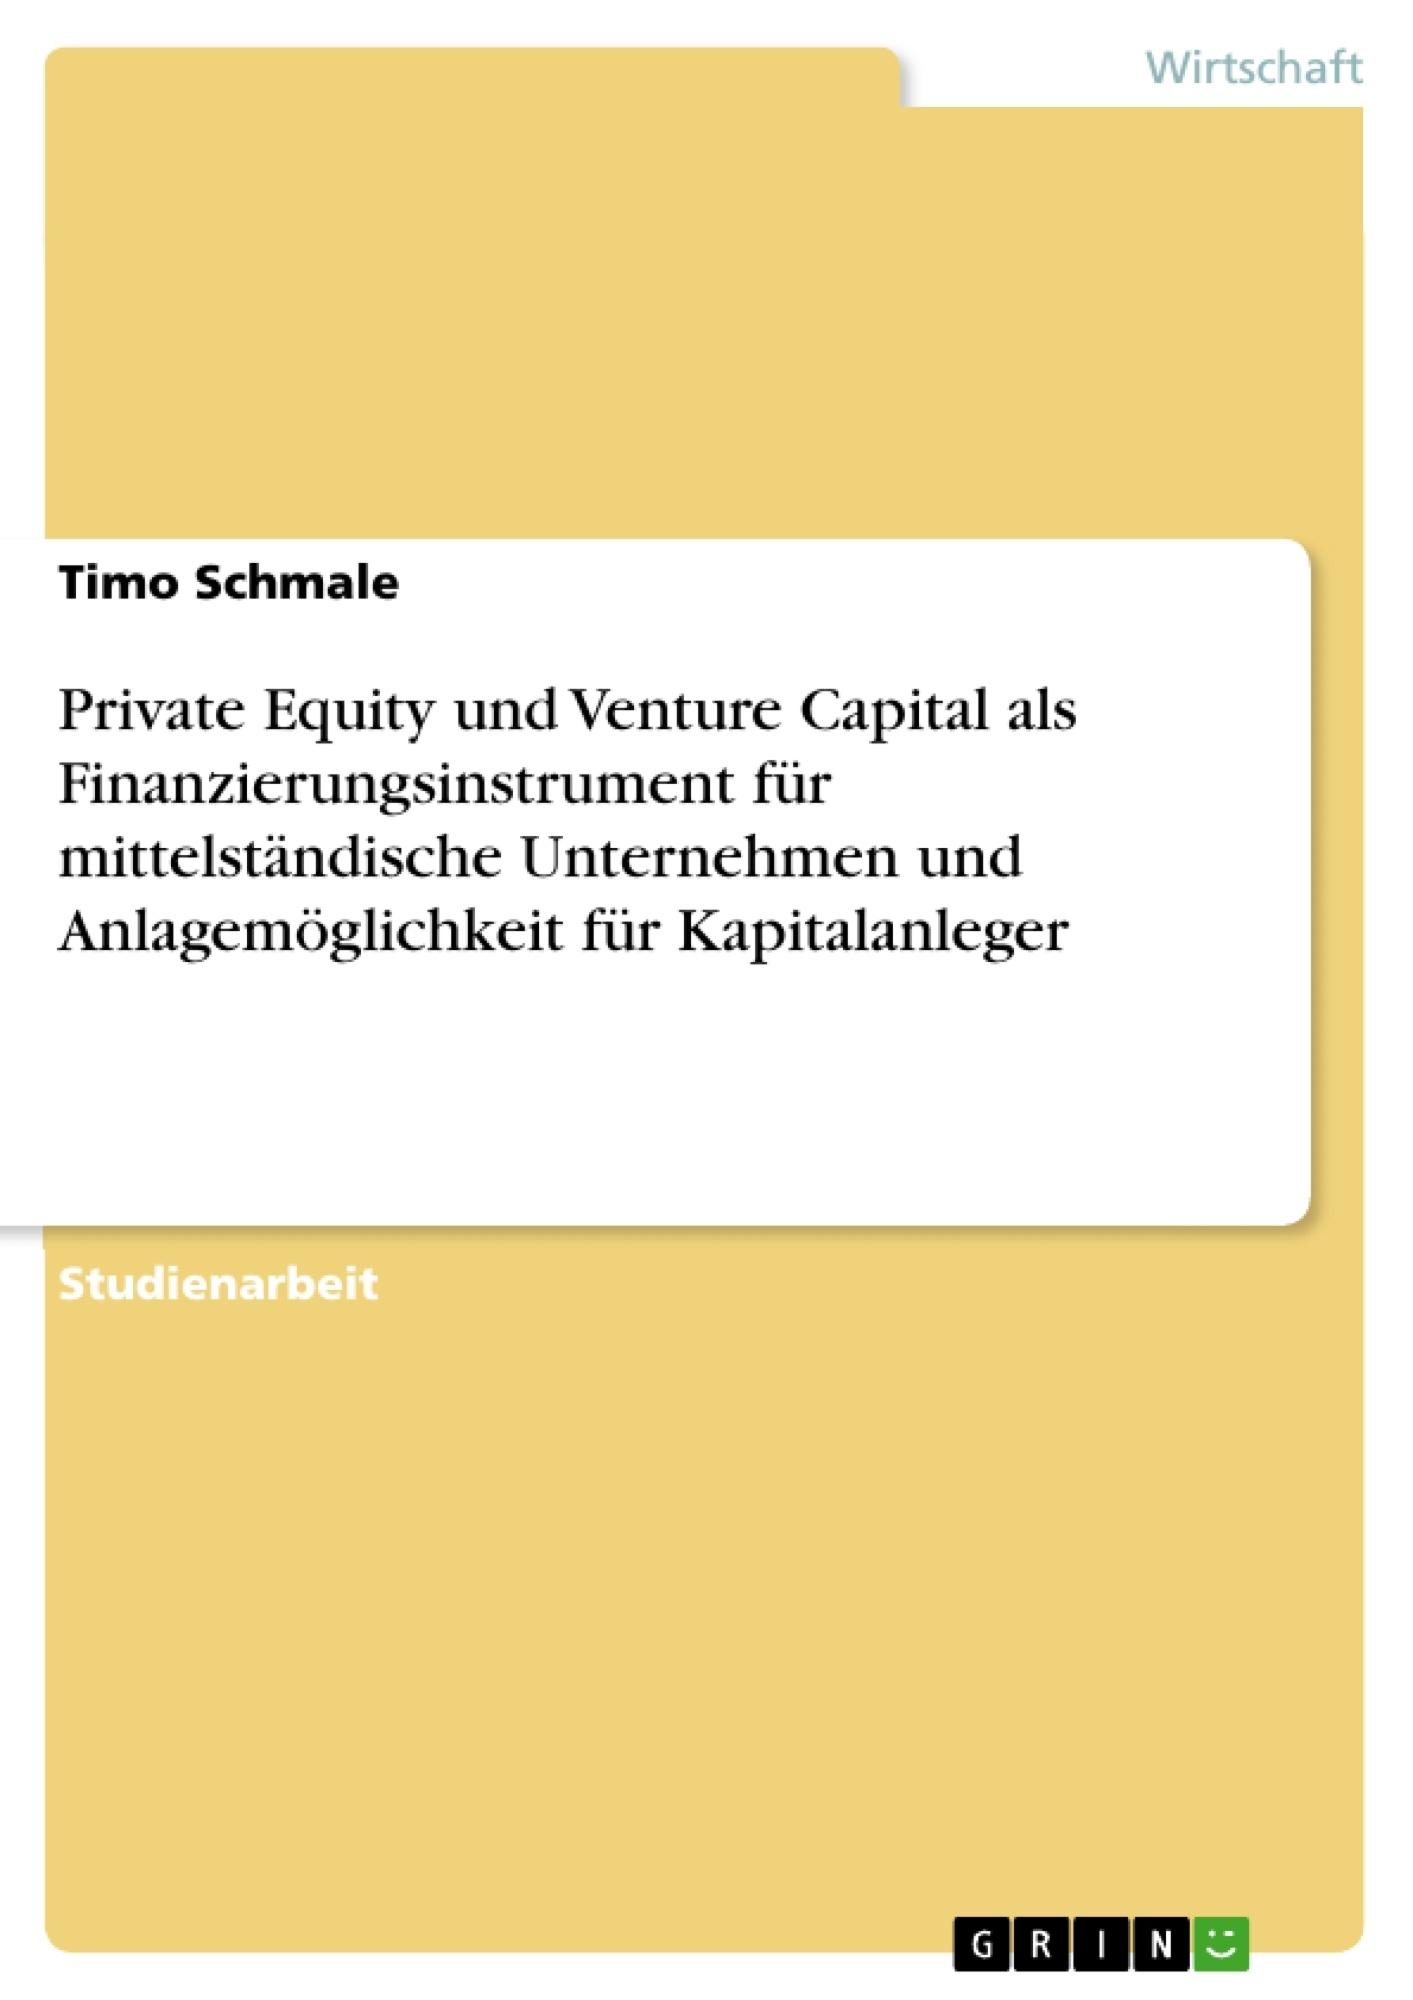 Titel: Private Equity und Venture Capital als Finanzierungsinstrument für mittelständische Unternehmen und Anlagemöglichkeit für Kapitalanleger